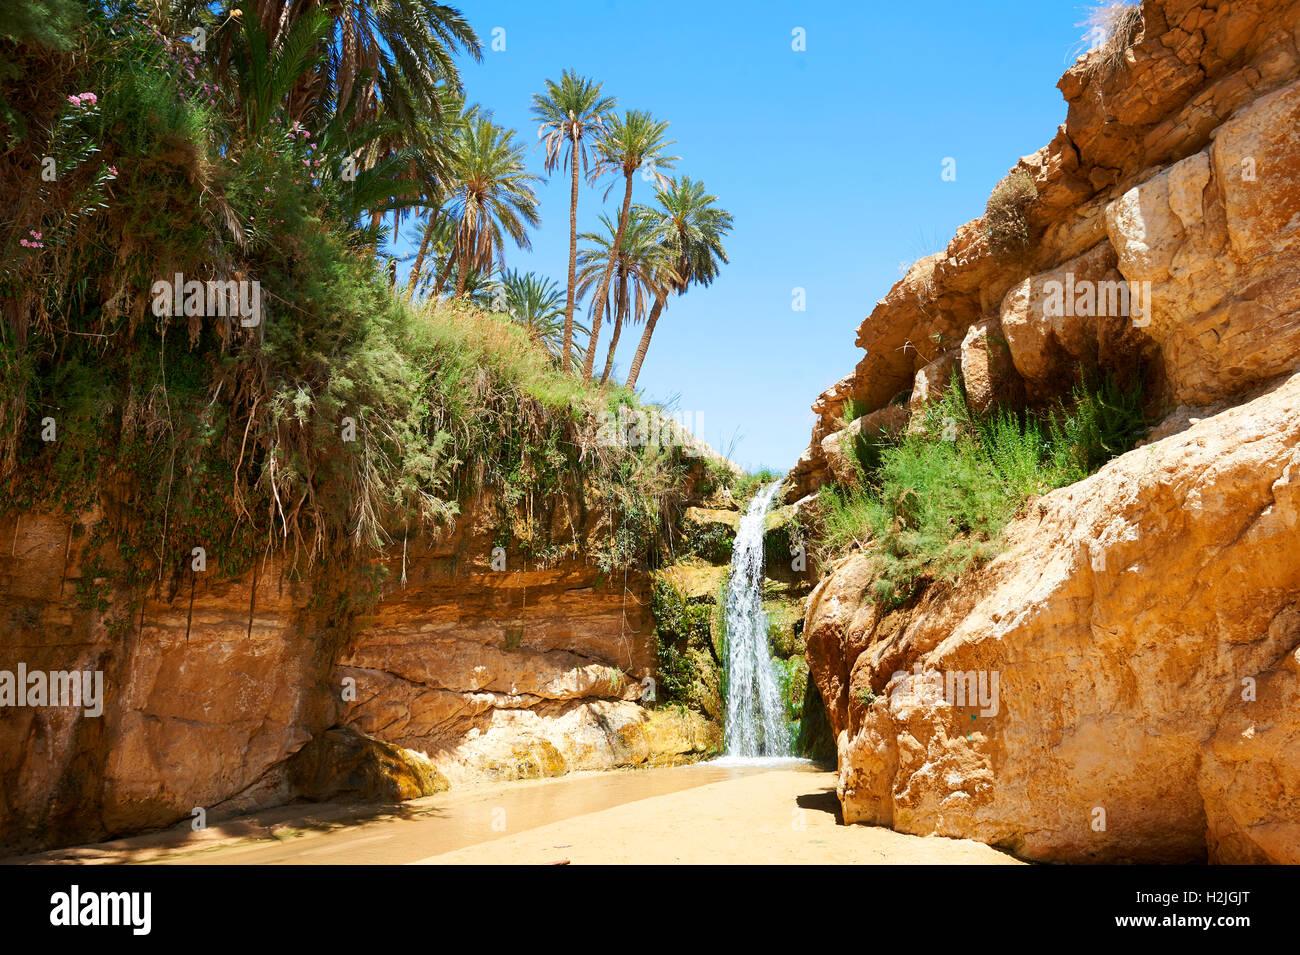 Mides Gorge cascada entre las palmeras del desierto del Sahara oasis de Mides, Túnez, África del Norte Foto de stock